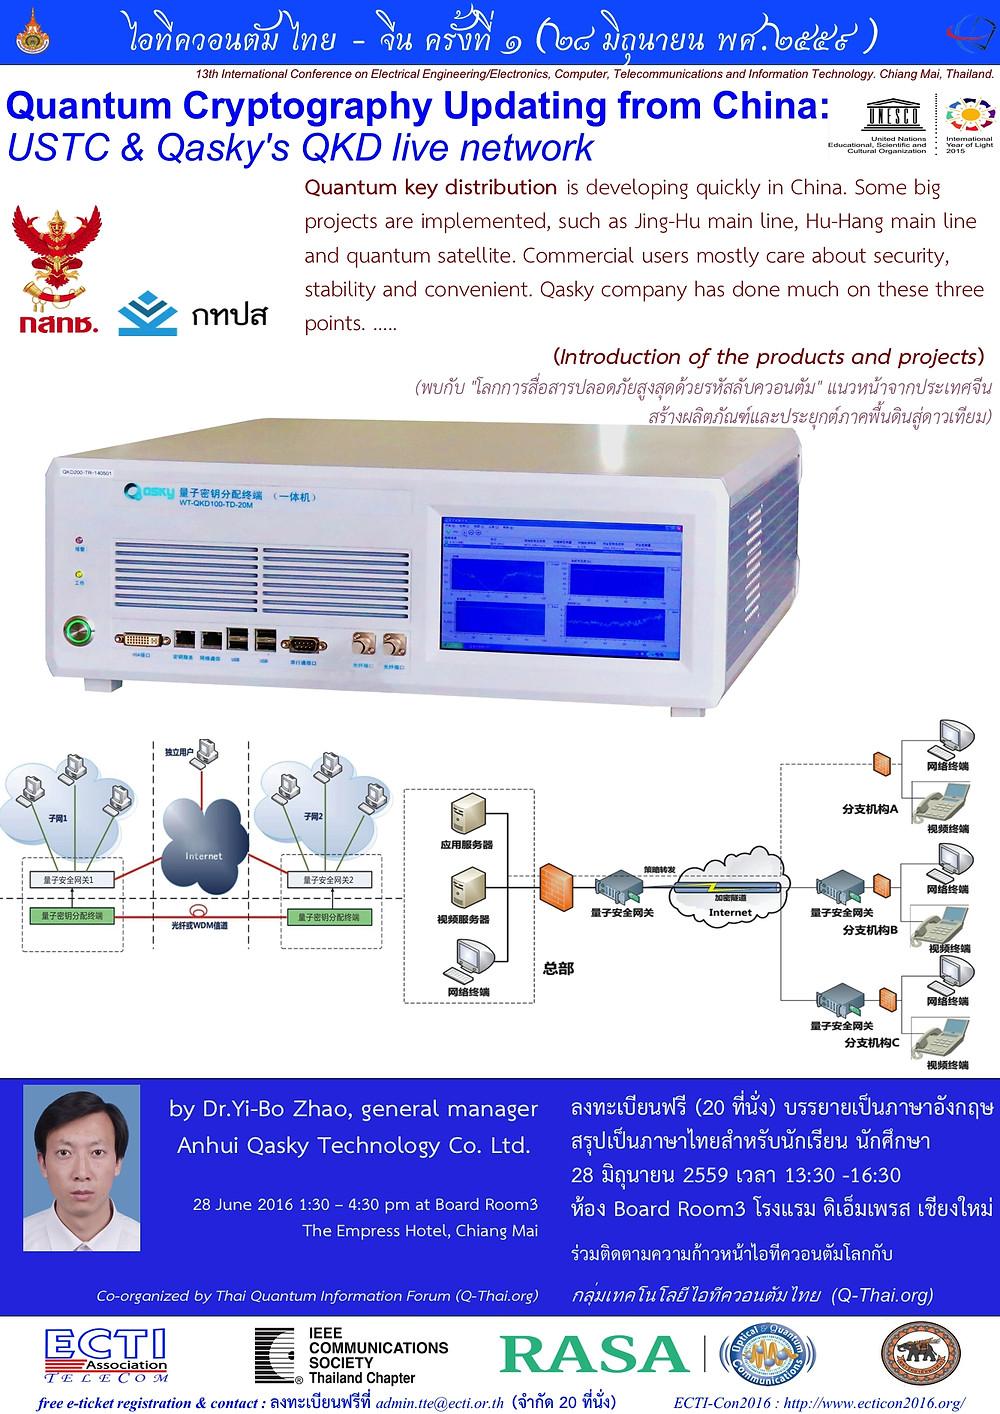 """(Introduction of the products and projects) (พบกับ """"โลกการสื่อสารปลอดภัยสูงสุดด้วยรหัสลับควอนตัม"""" แนวหน้าจากประเทศจีน สร้างผลิตภัณฑ์และประยุกต์ภาคพื้นดินสู่ดาวเทียม)"""